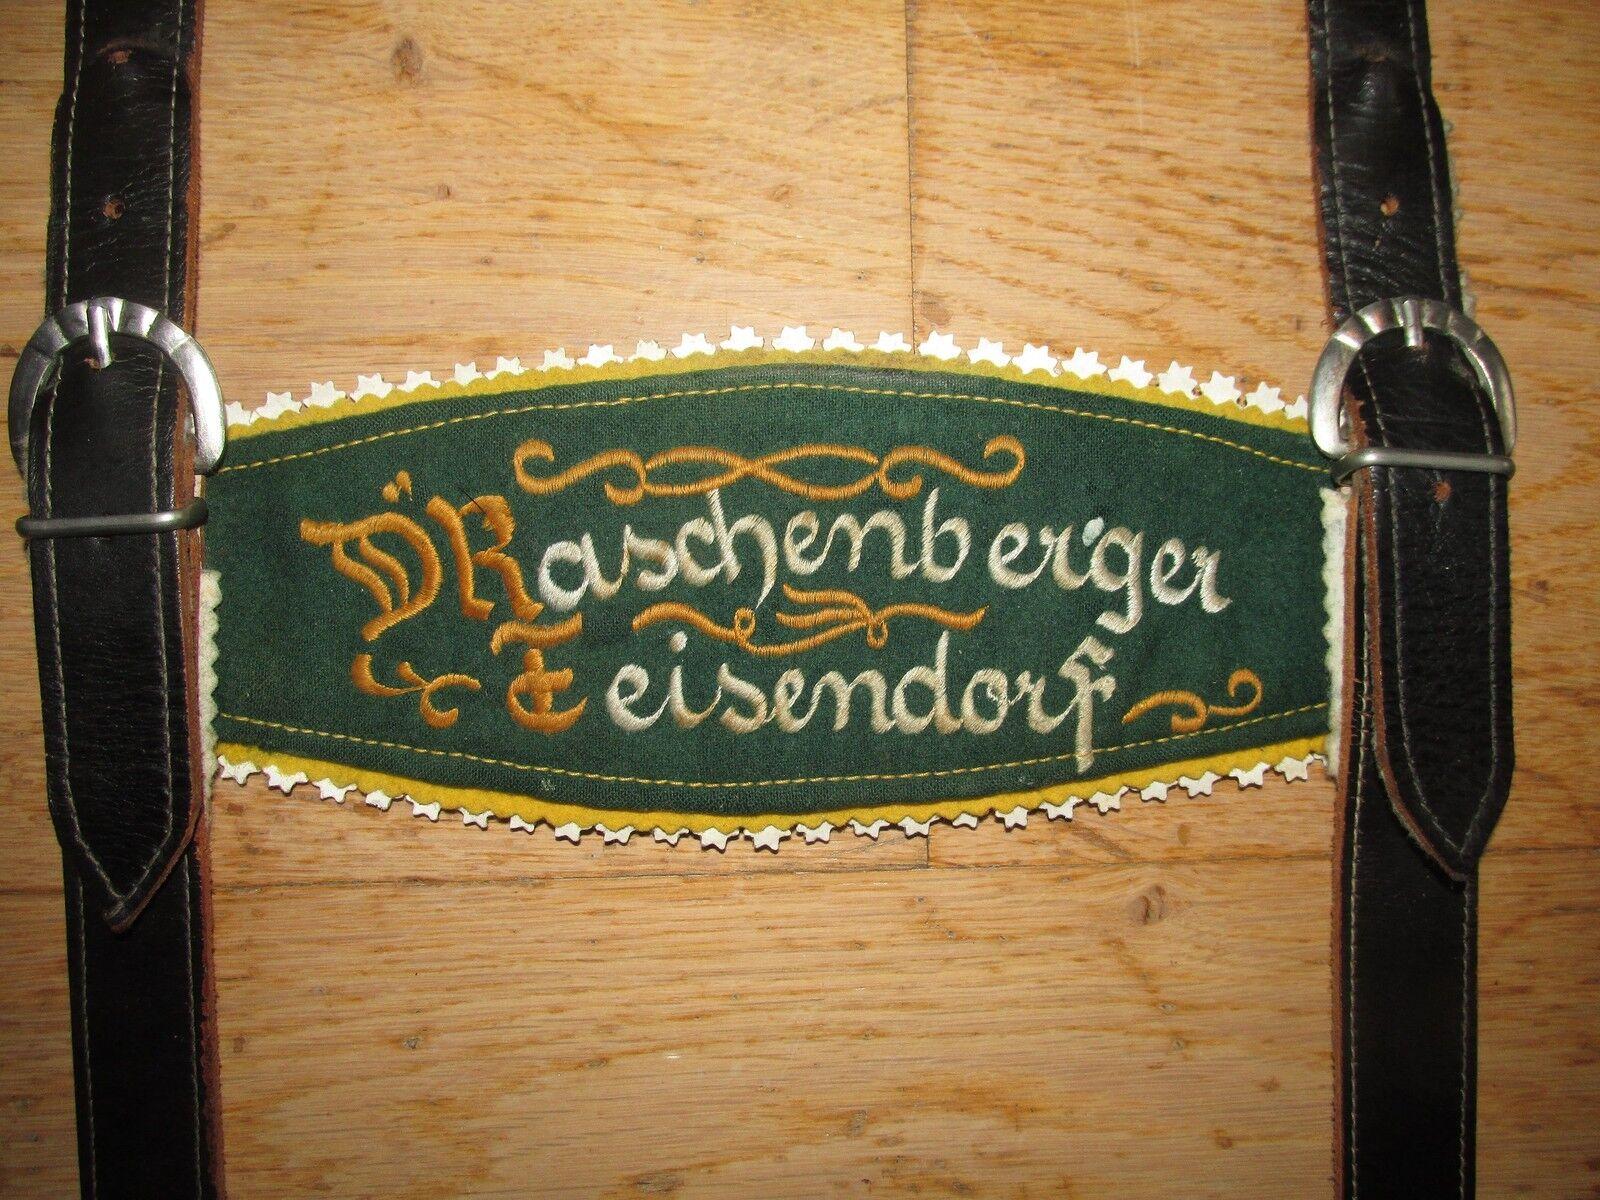 OID &  039;e locura bärige d& 039; raschenberger Teisendorf Echt Leder lederhosen-portador     descuento de ventas